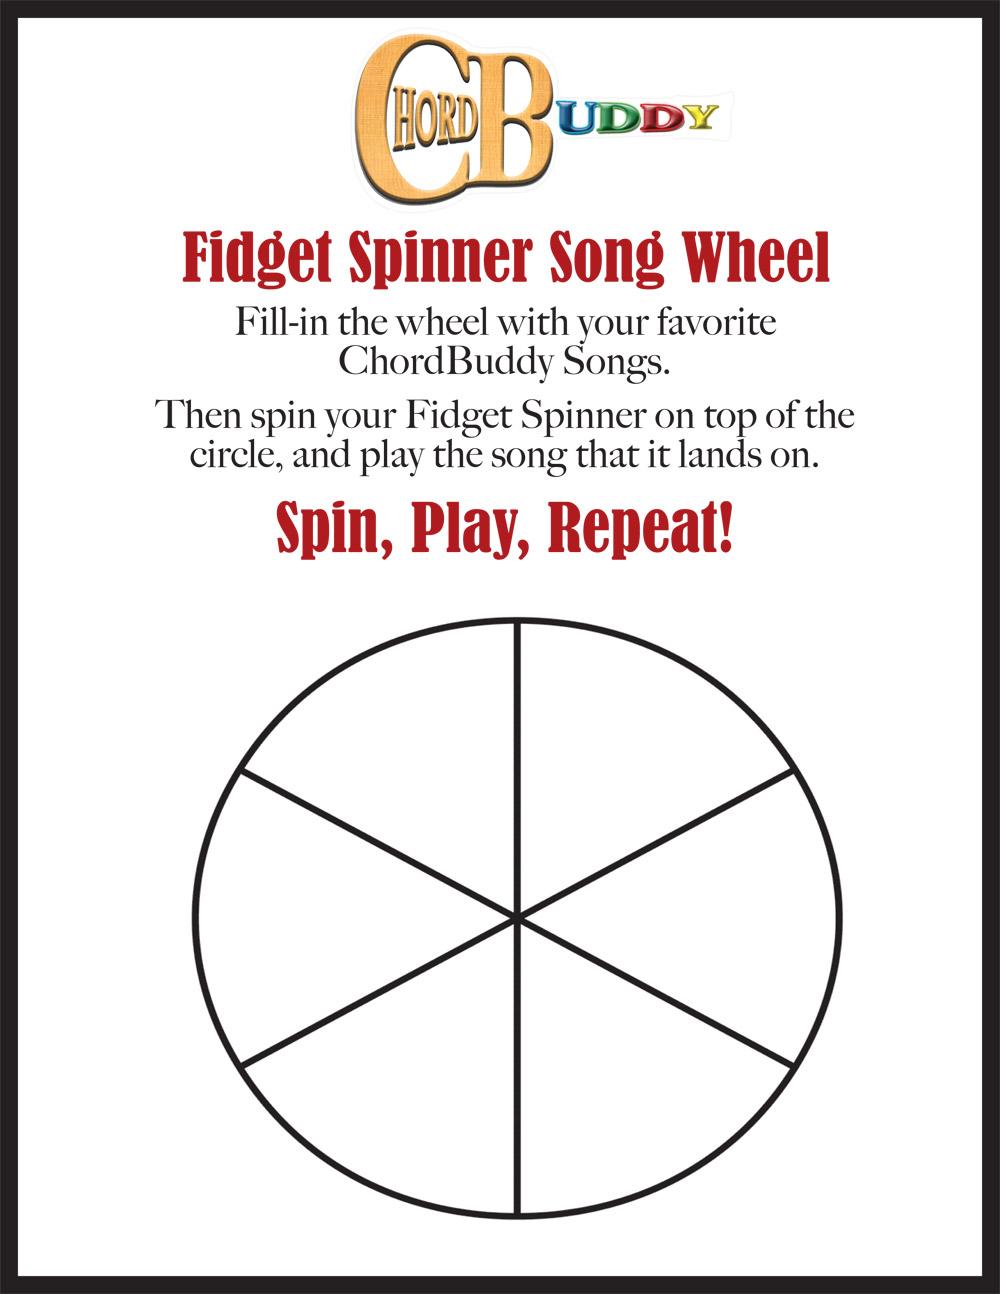 Fidget Spinner Song Selection